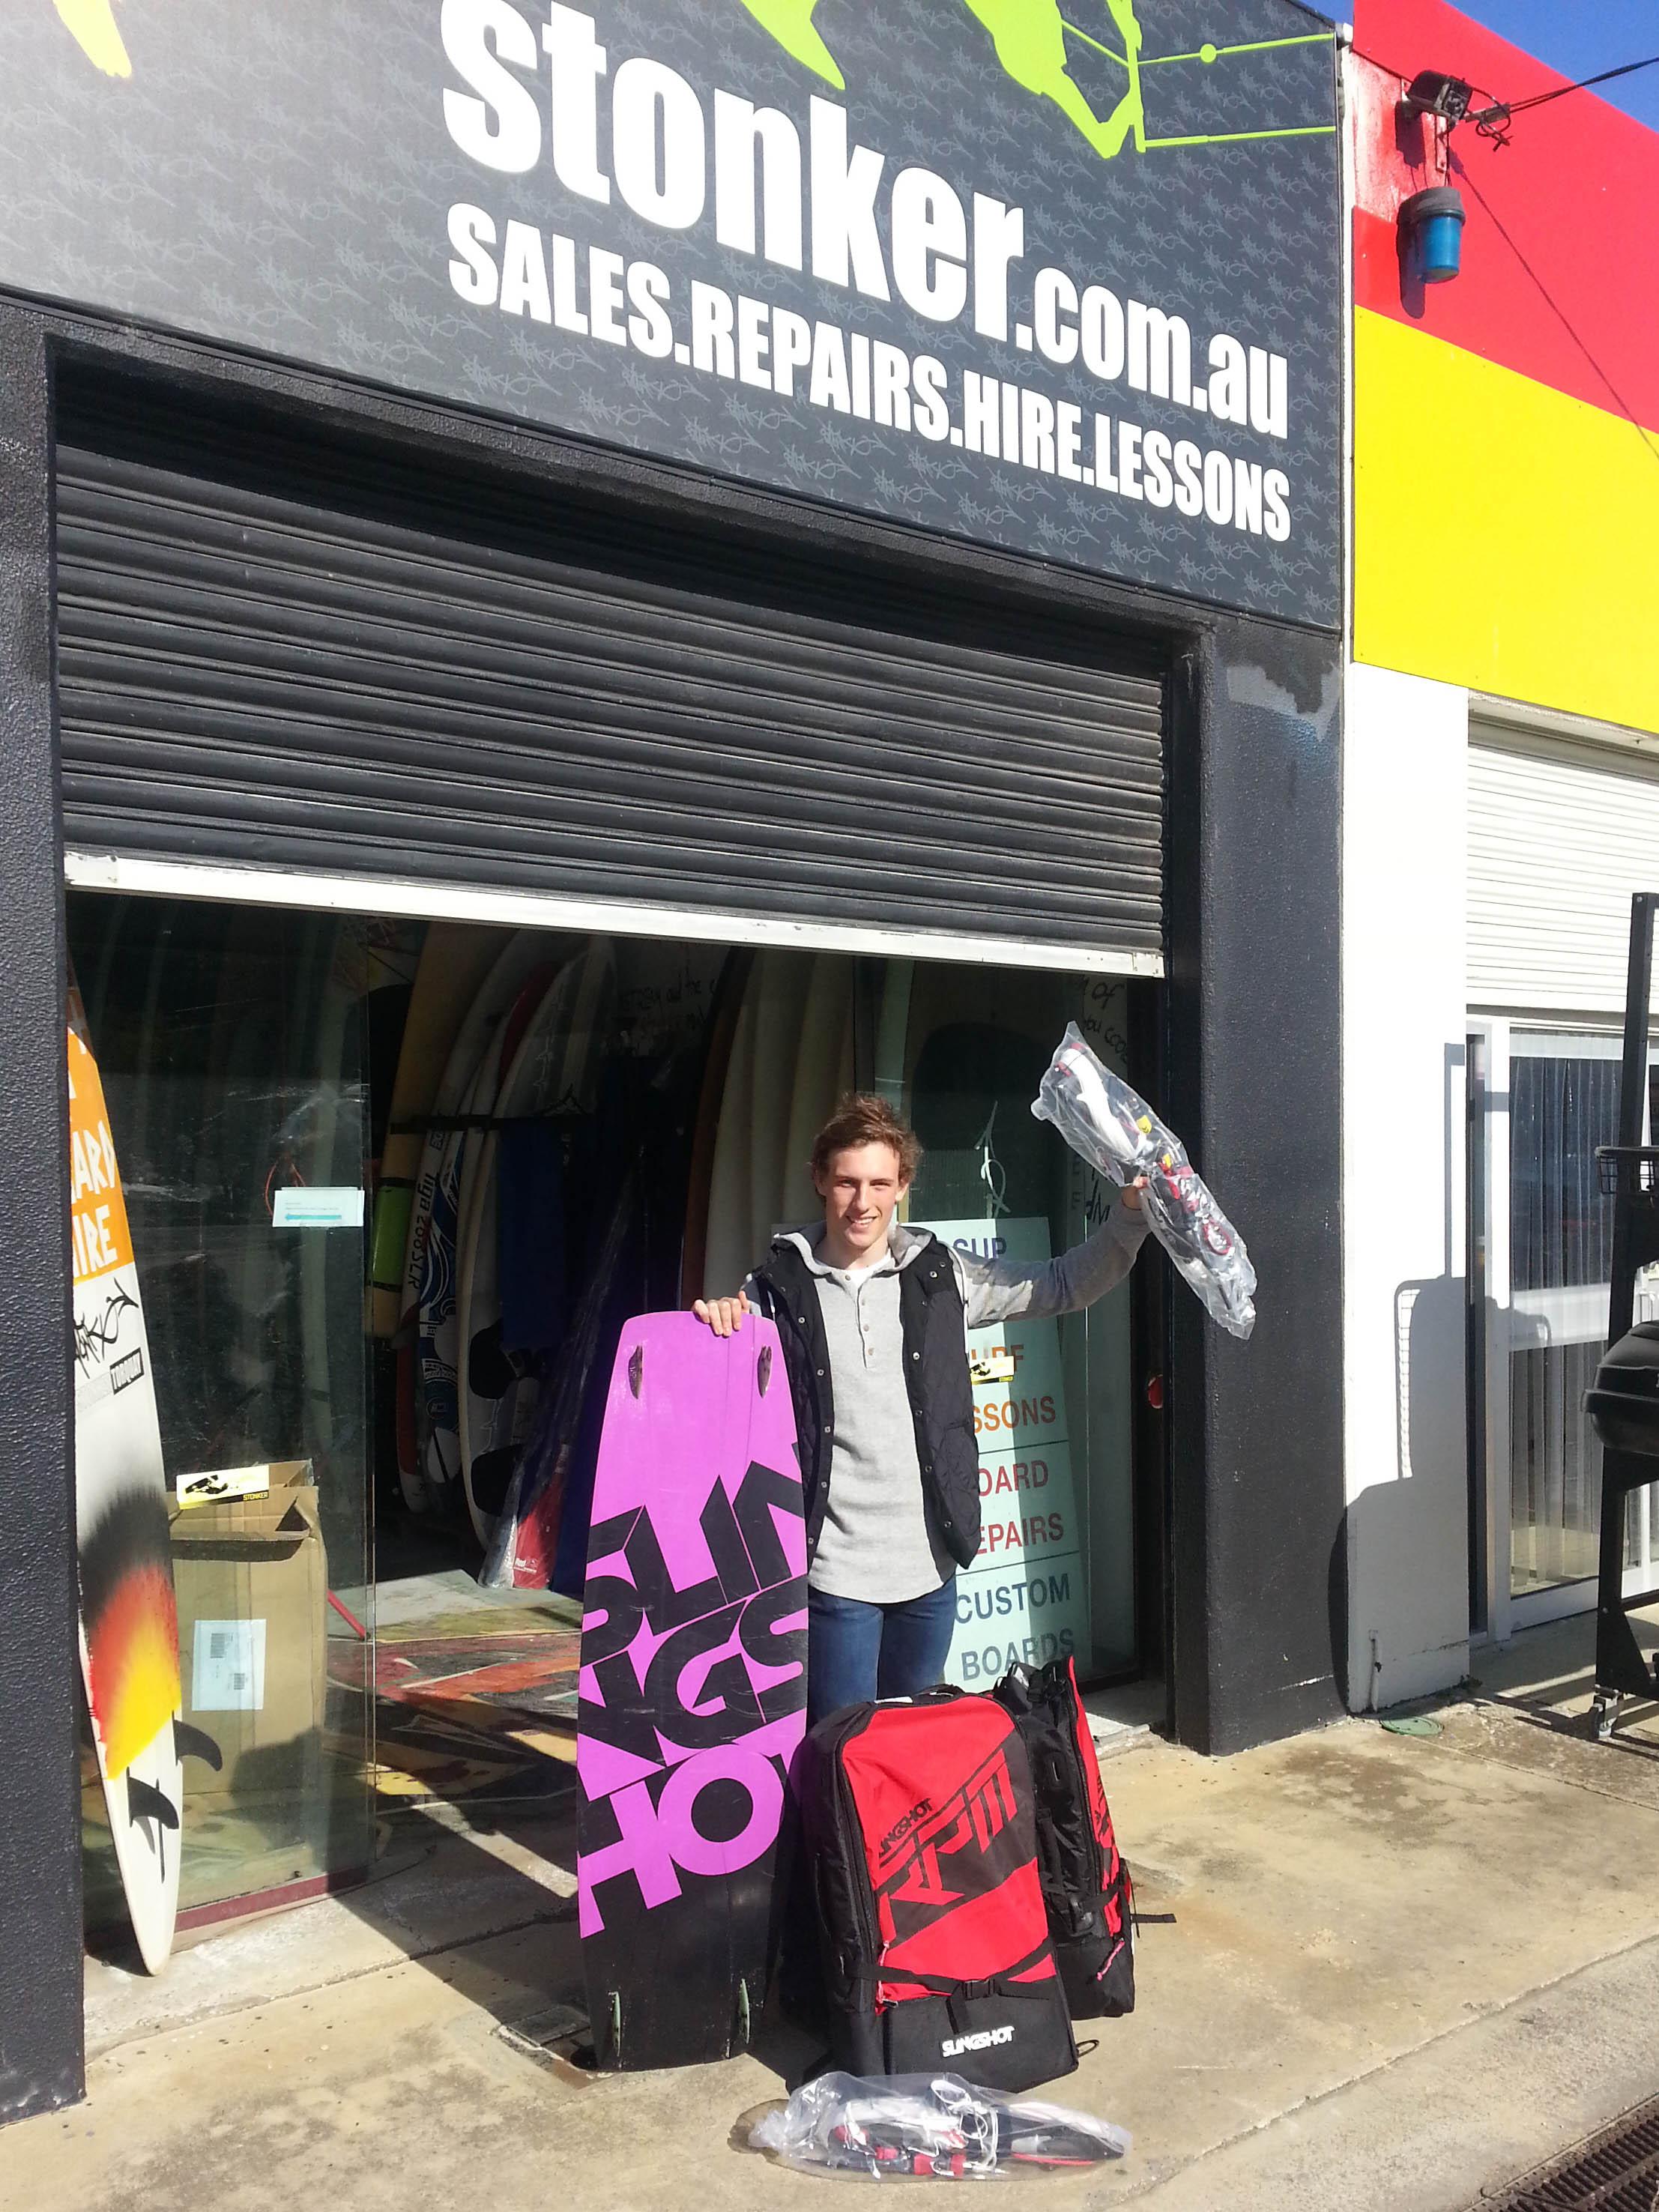 Slingshot kiteboarding, Slingshot Australia, Slingshot RPM kite, Slingshot Vision board